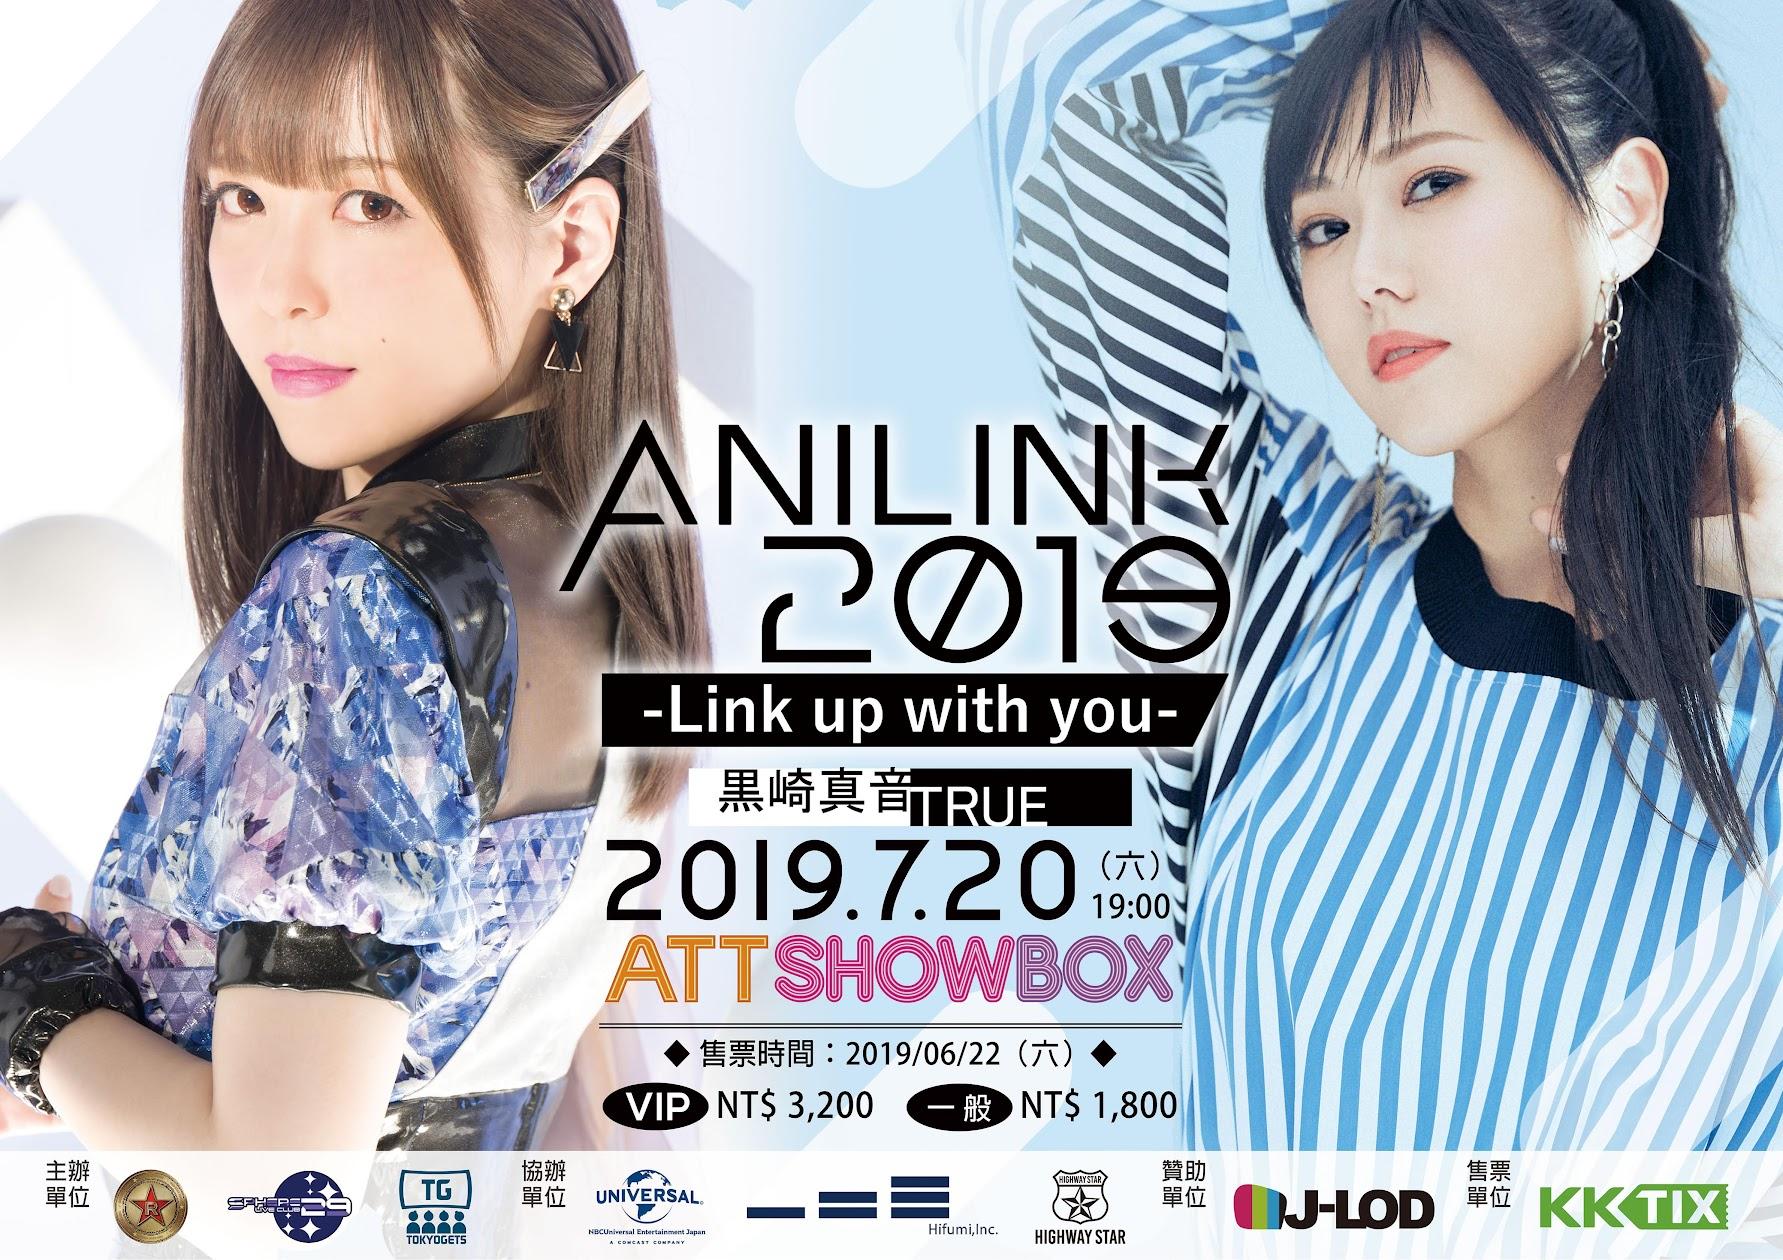 [迷迷音樂] 台灣動漫新盛典「 AniLink2019 」黑崎真音 x TRUE 7/20 熱力引爆!